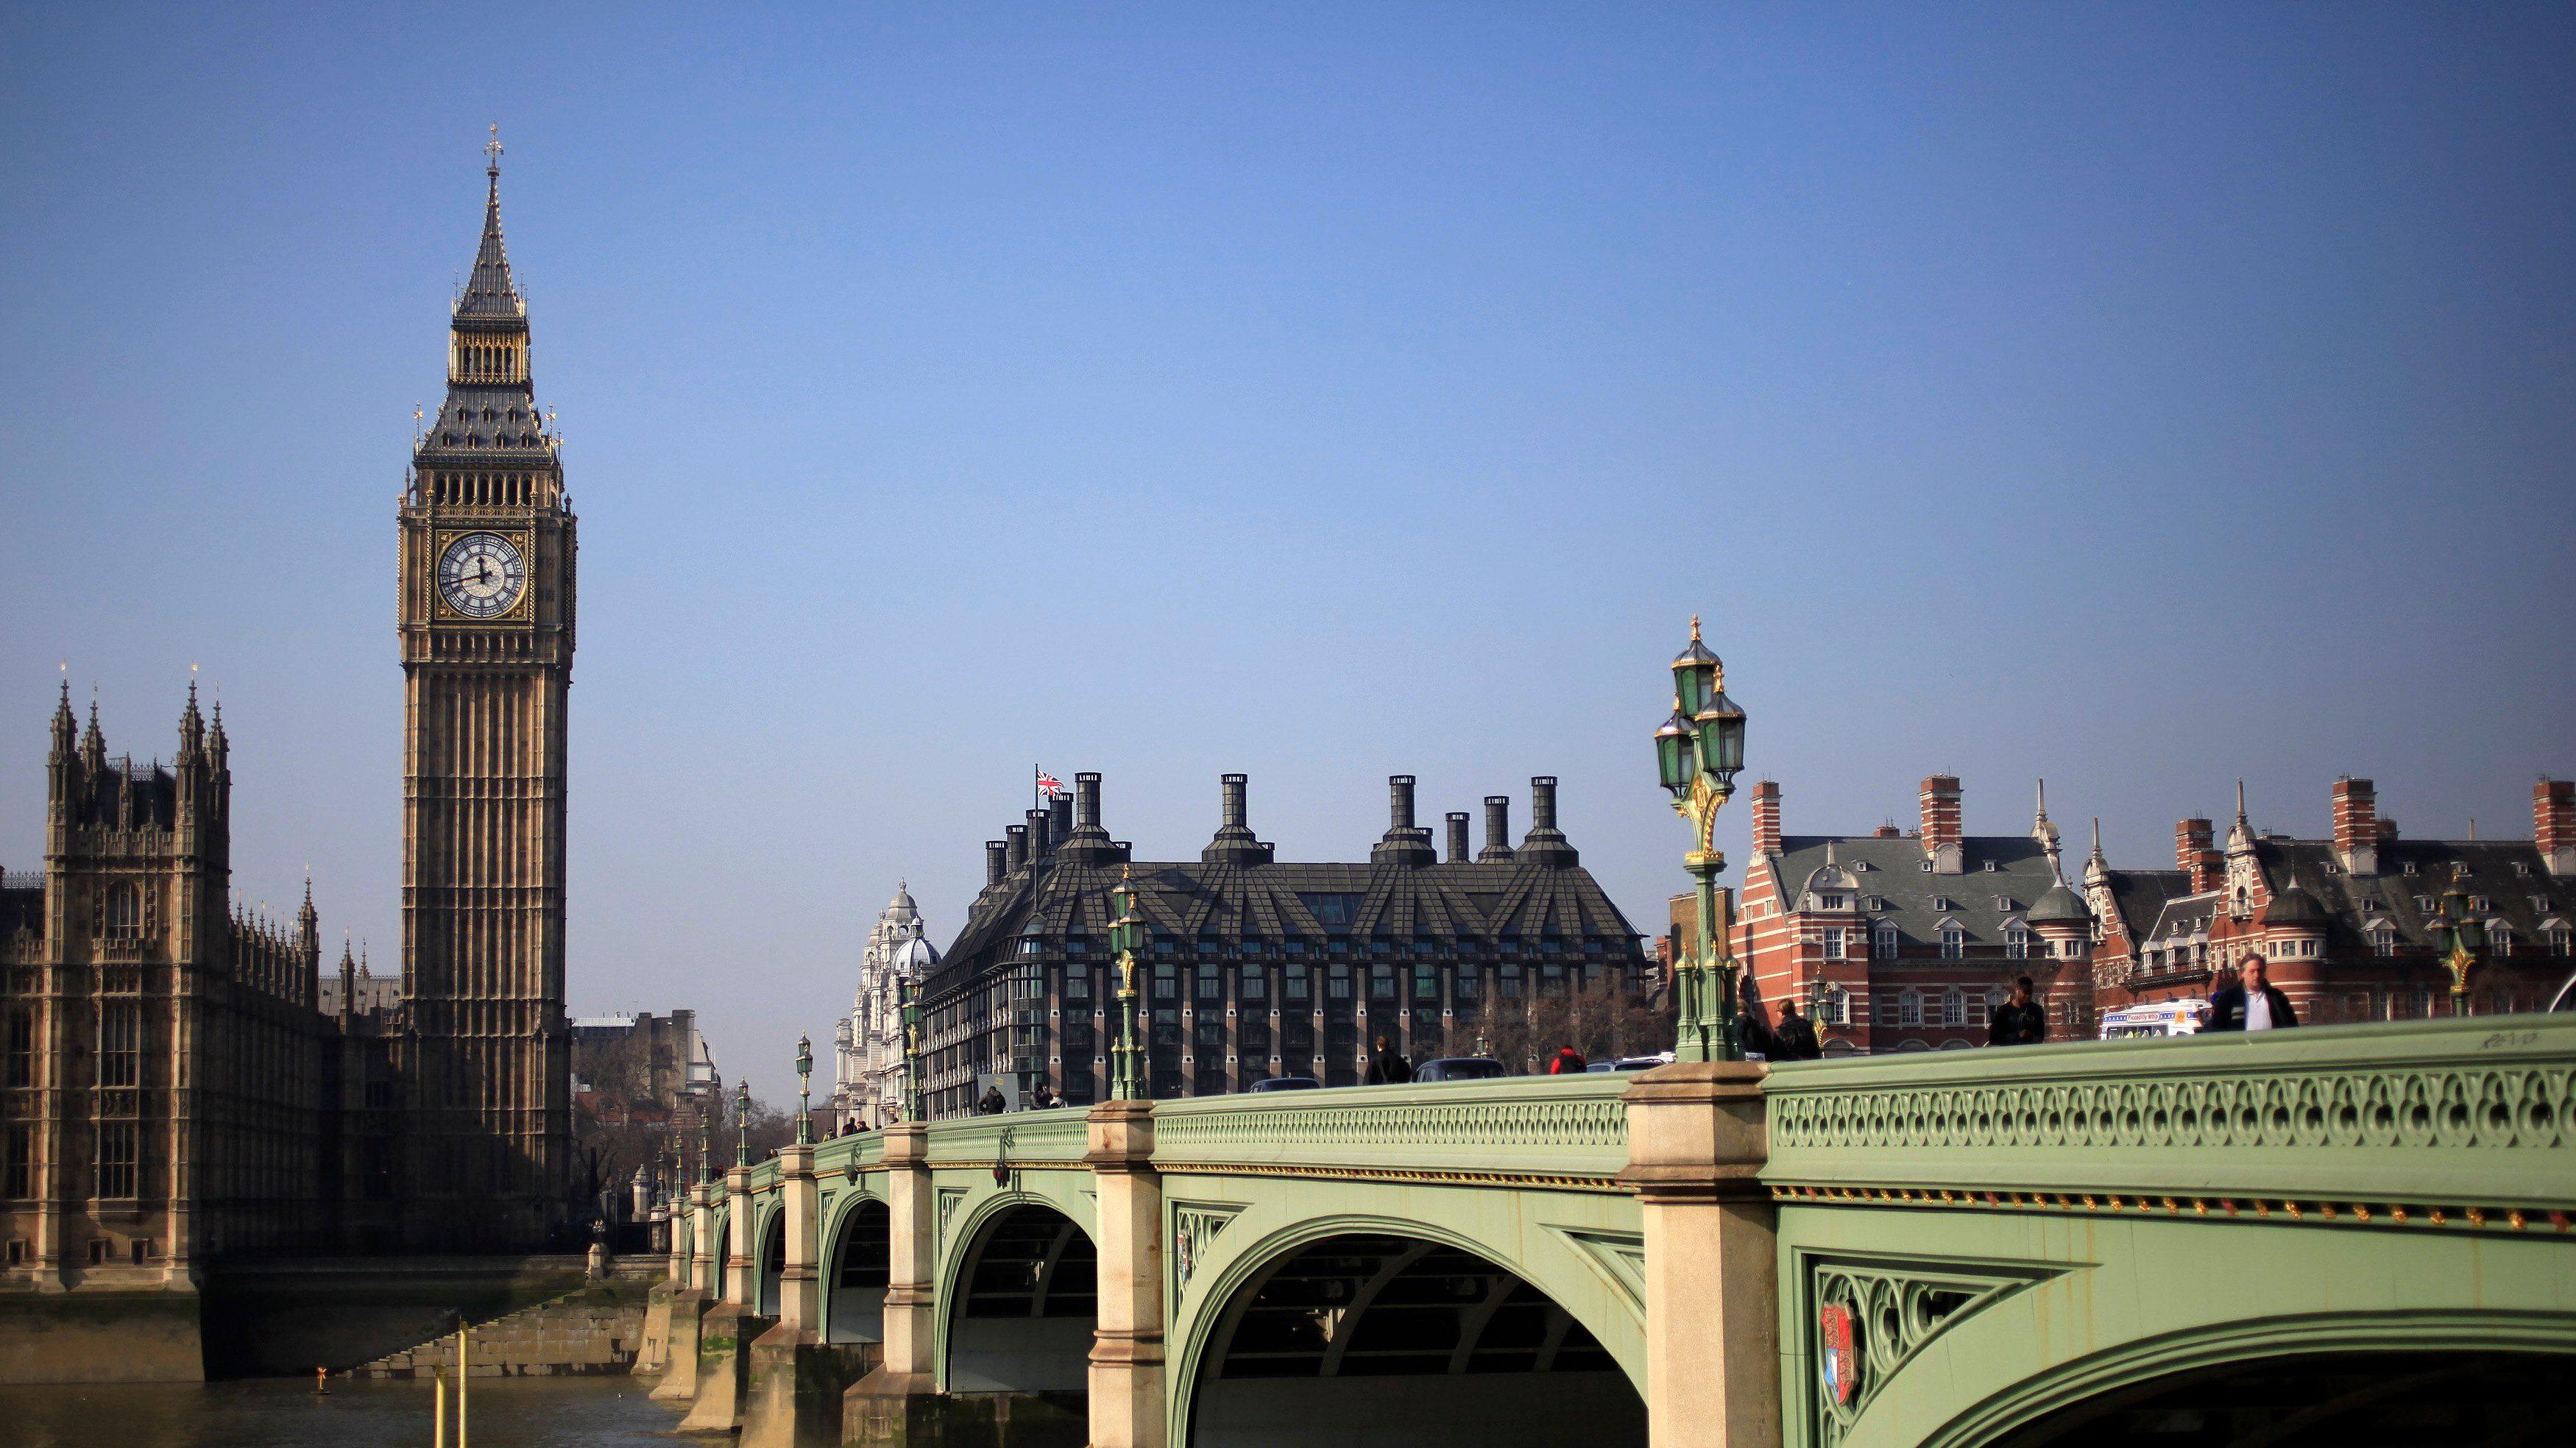 Pedestrians walk across Westminster Bridge in front of the Big Ben Clock Tower